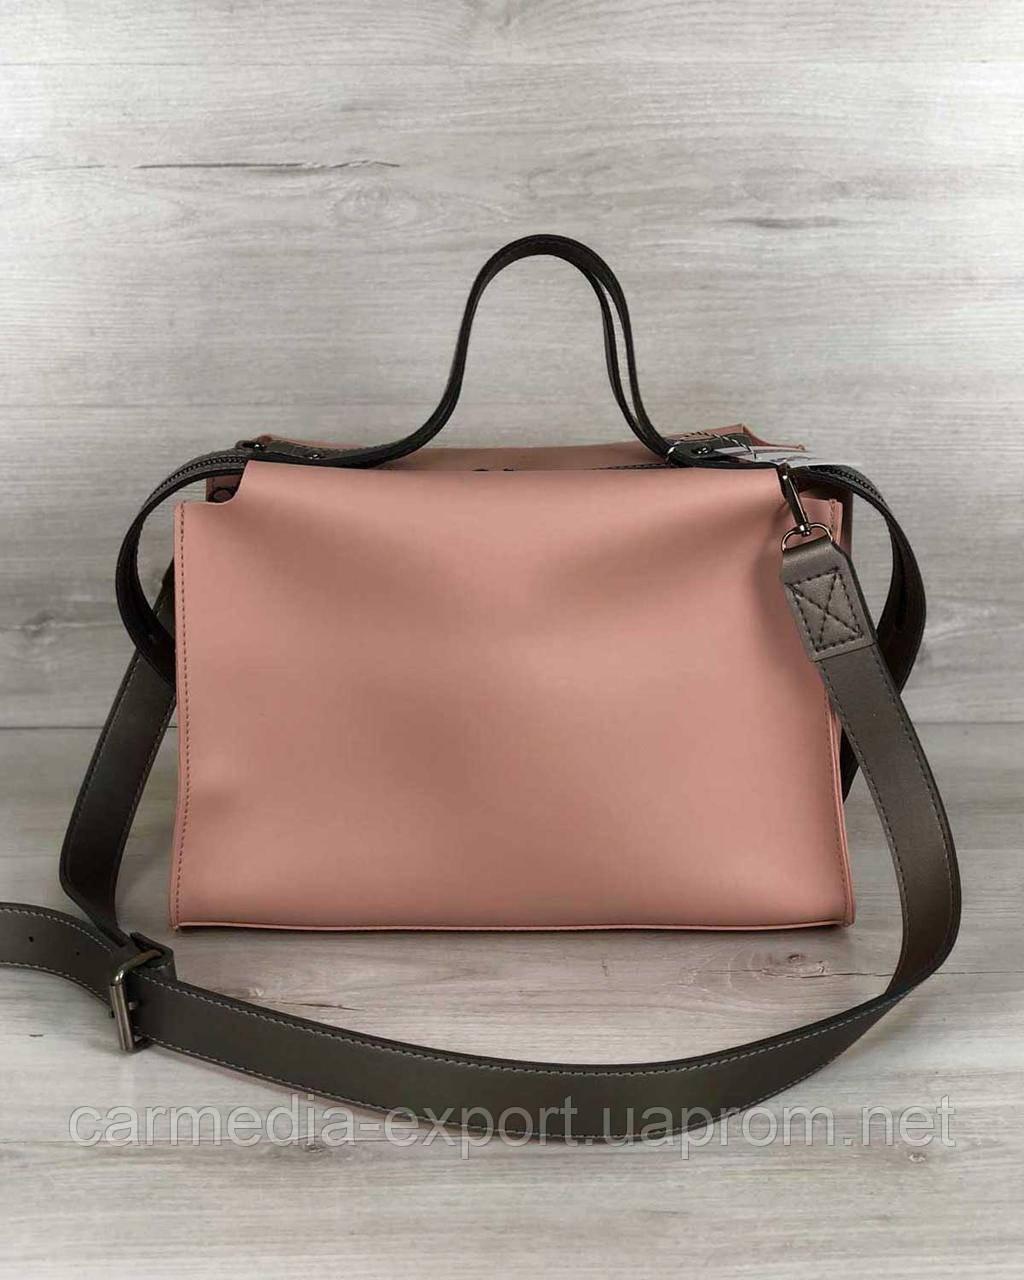 Купить 2в1 Стильная женская сумка Малика персикового цвета, Украина ТД